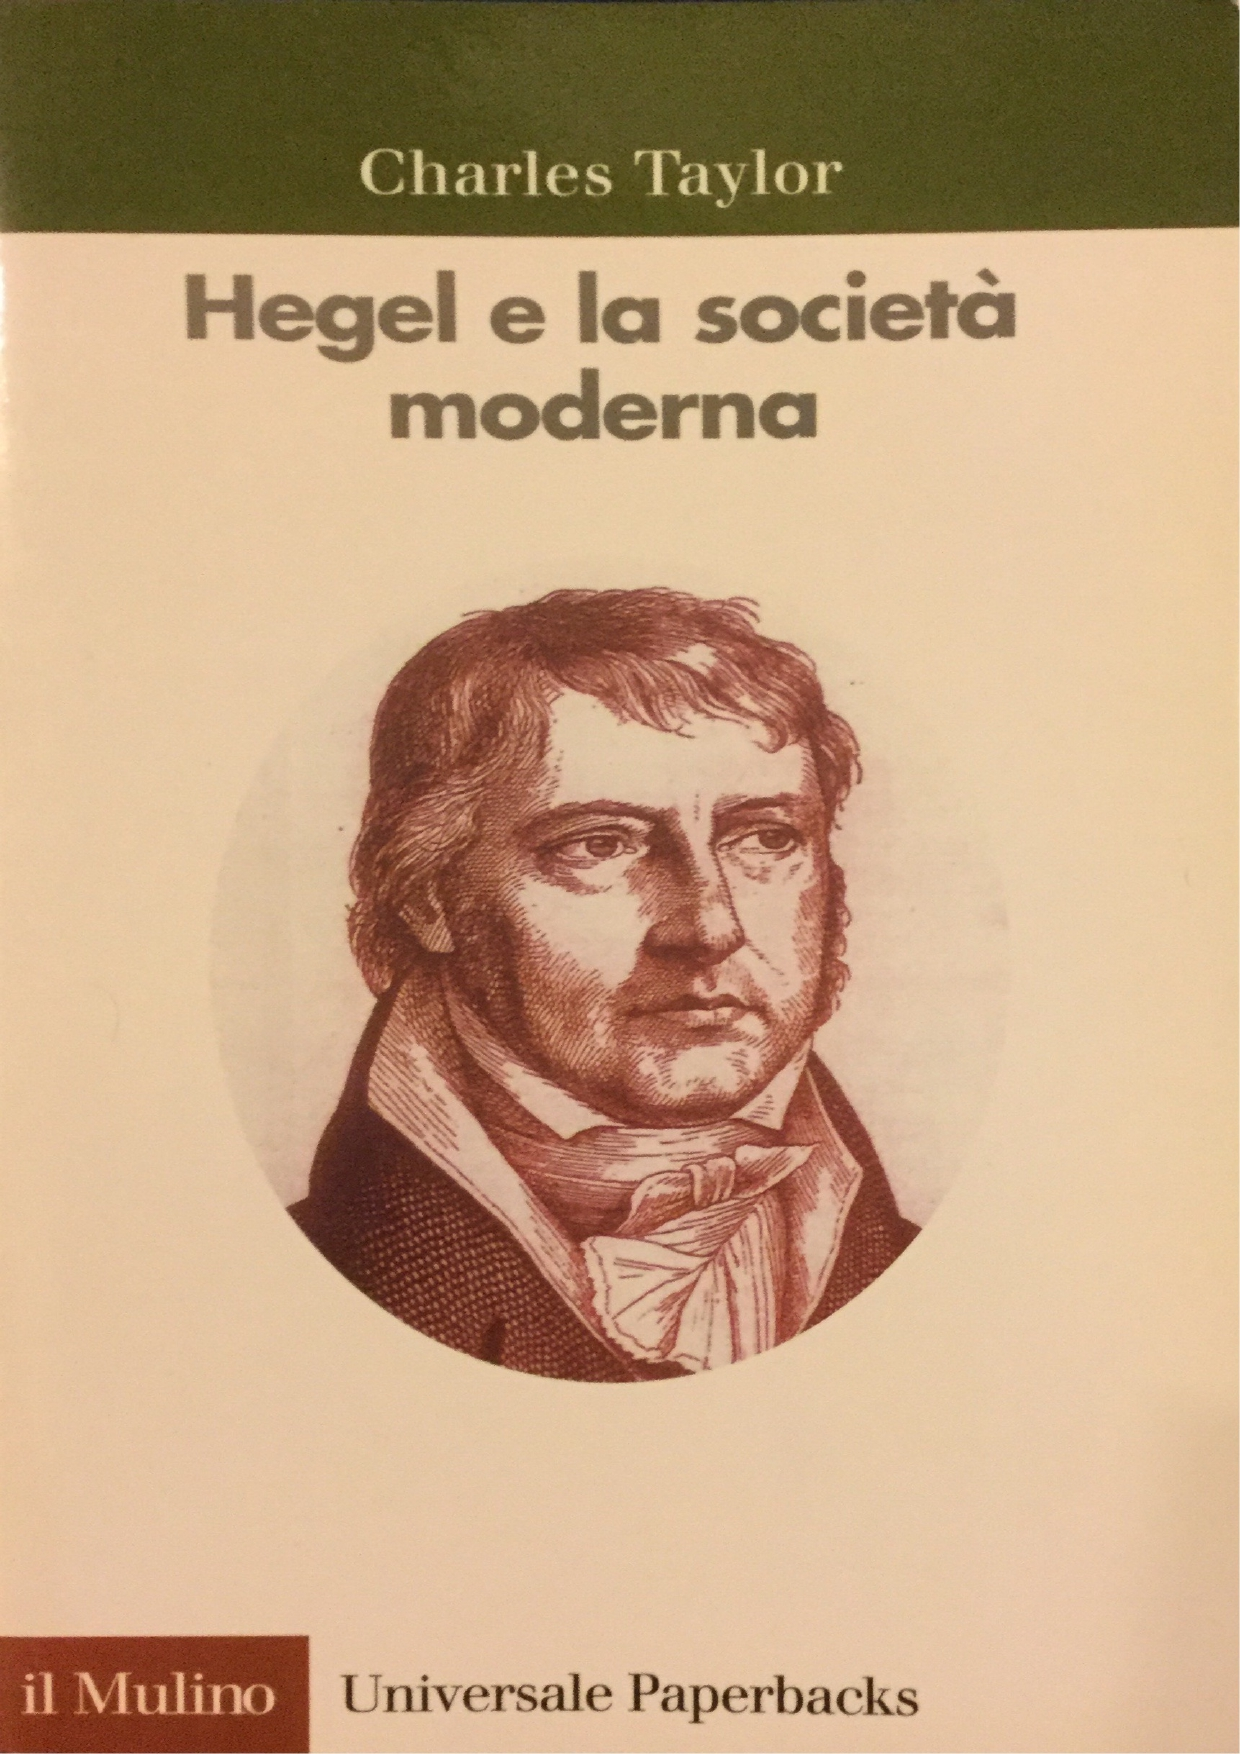 Hegel e la società moderna